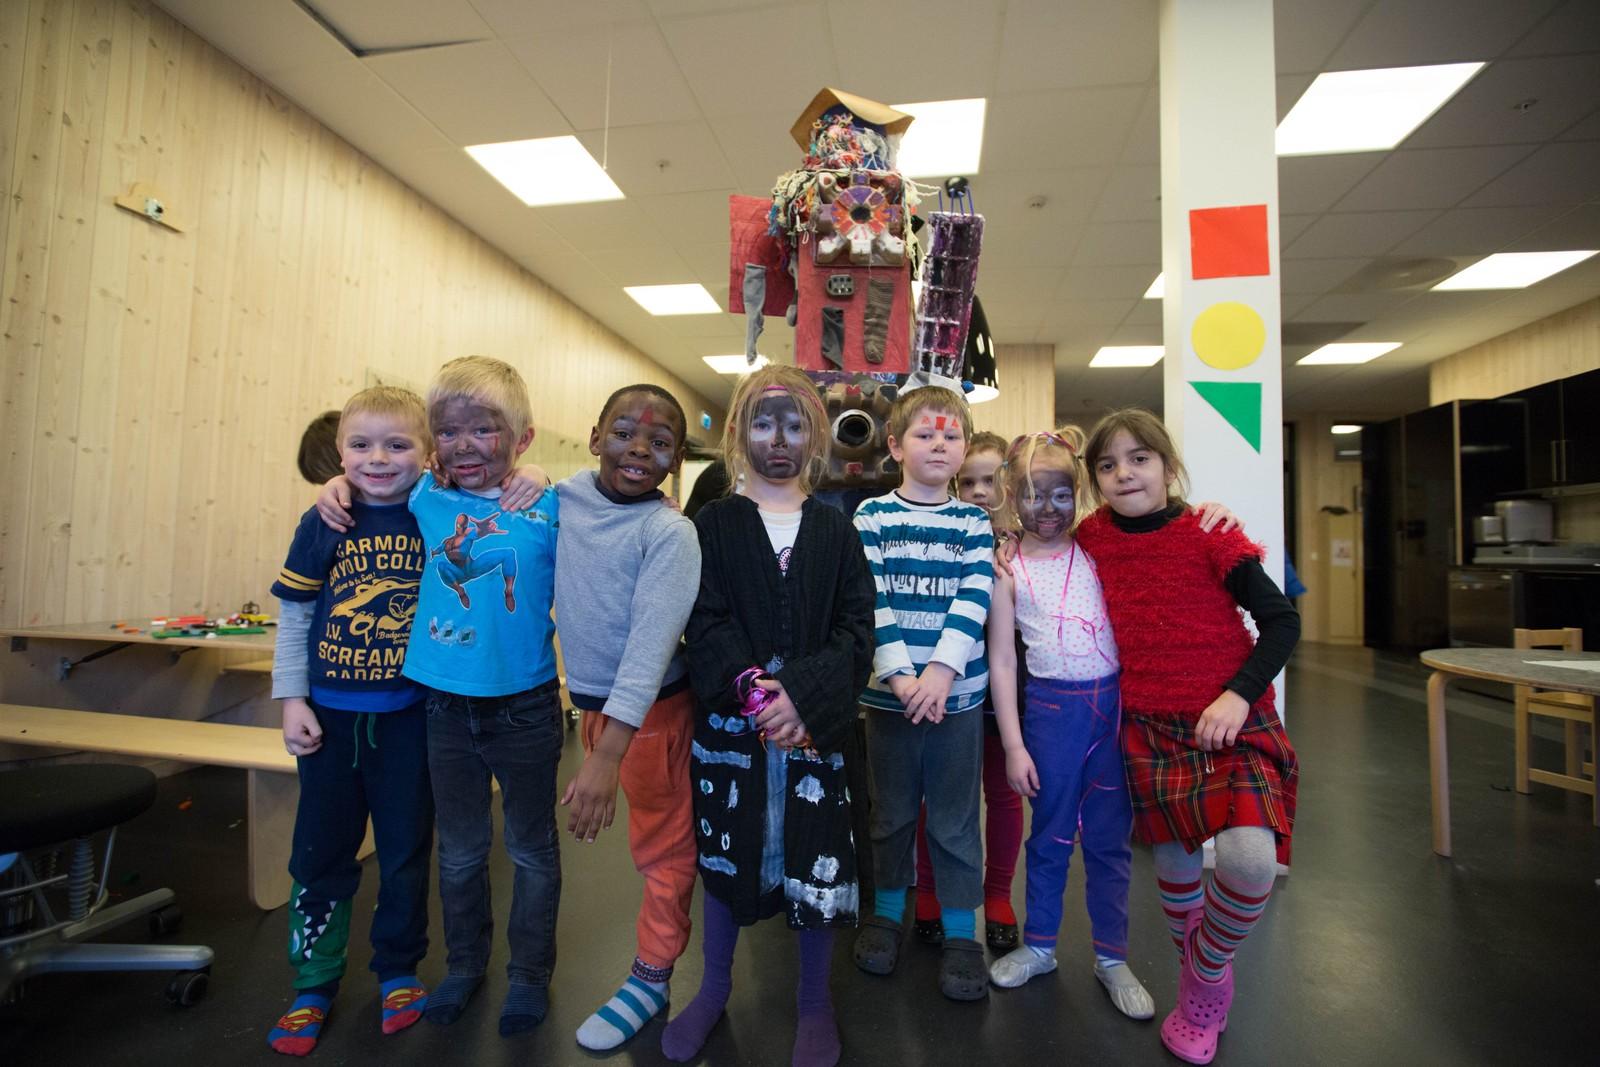 Barna viser stolt frem sokketrollet de har laget.